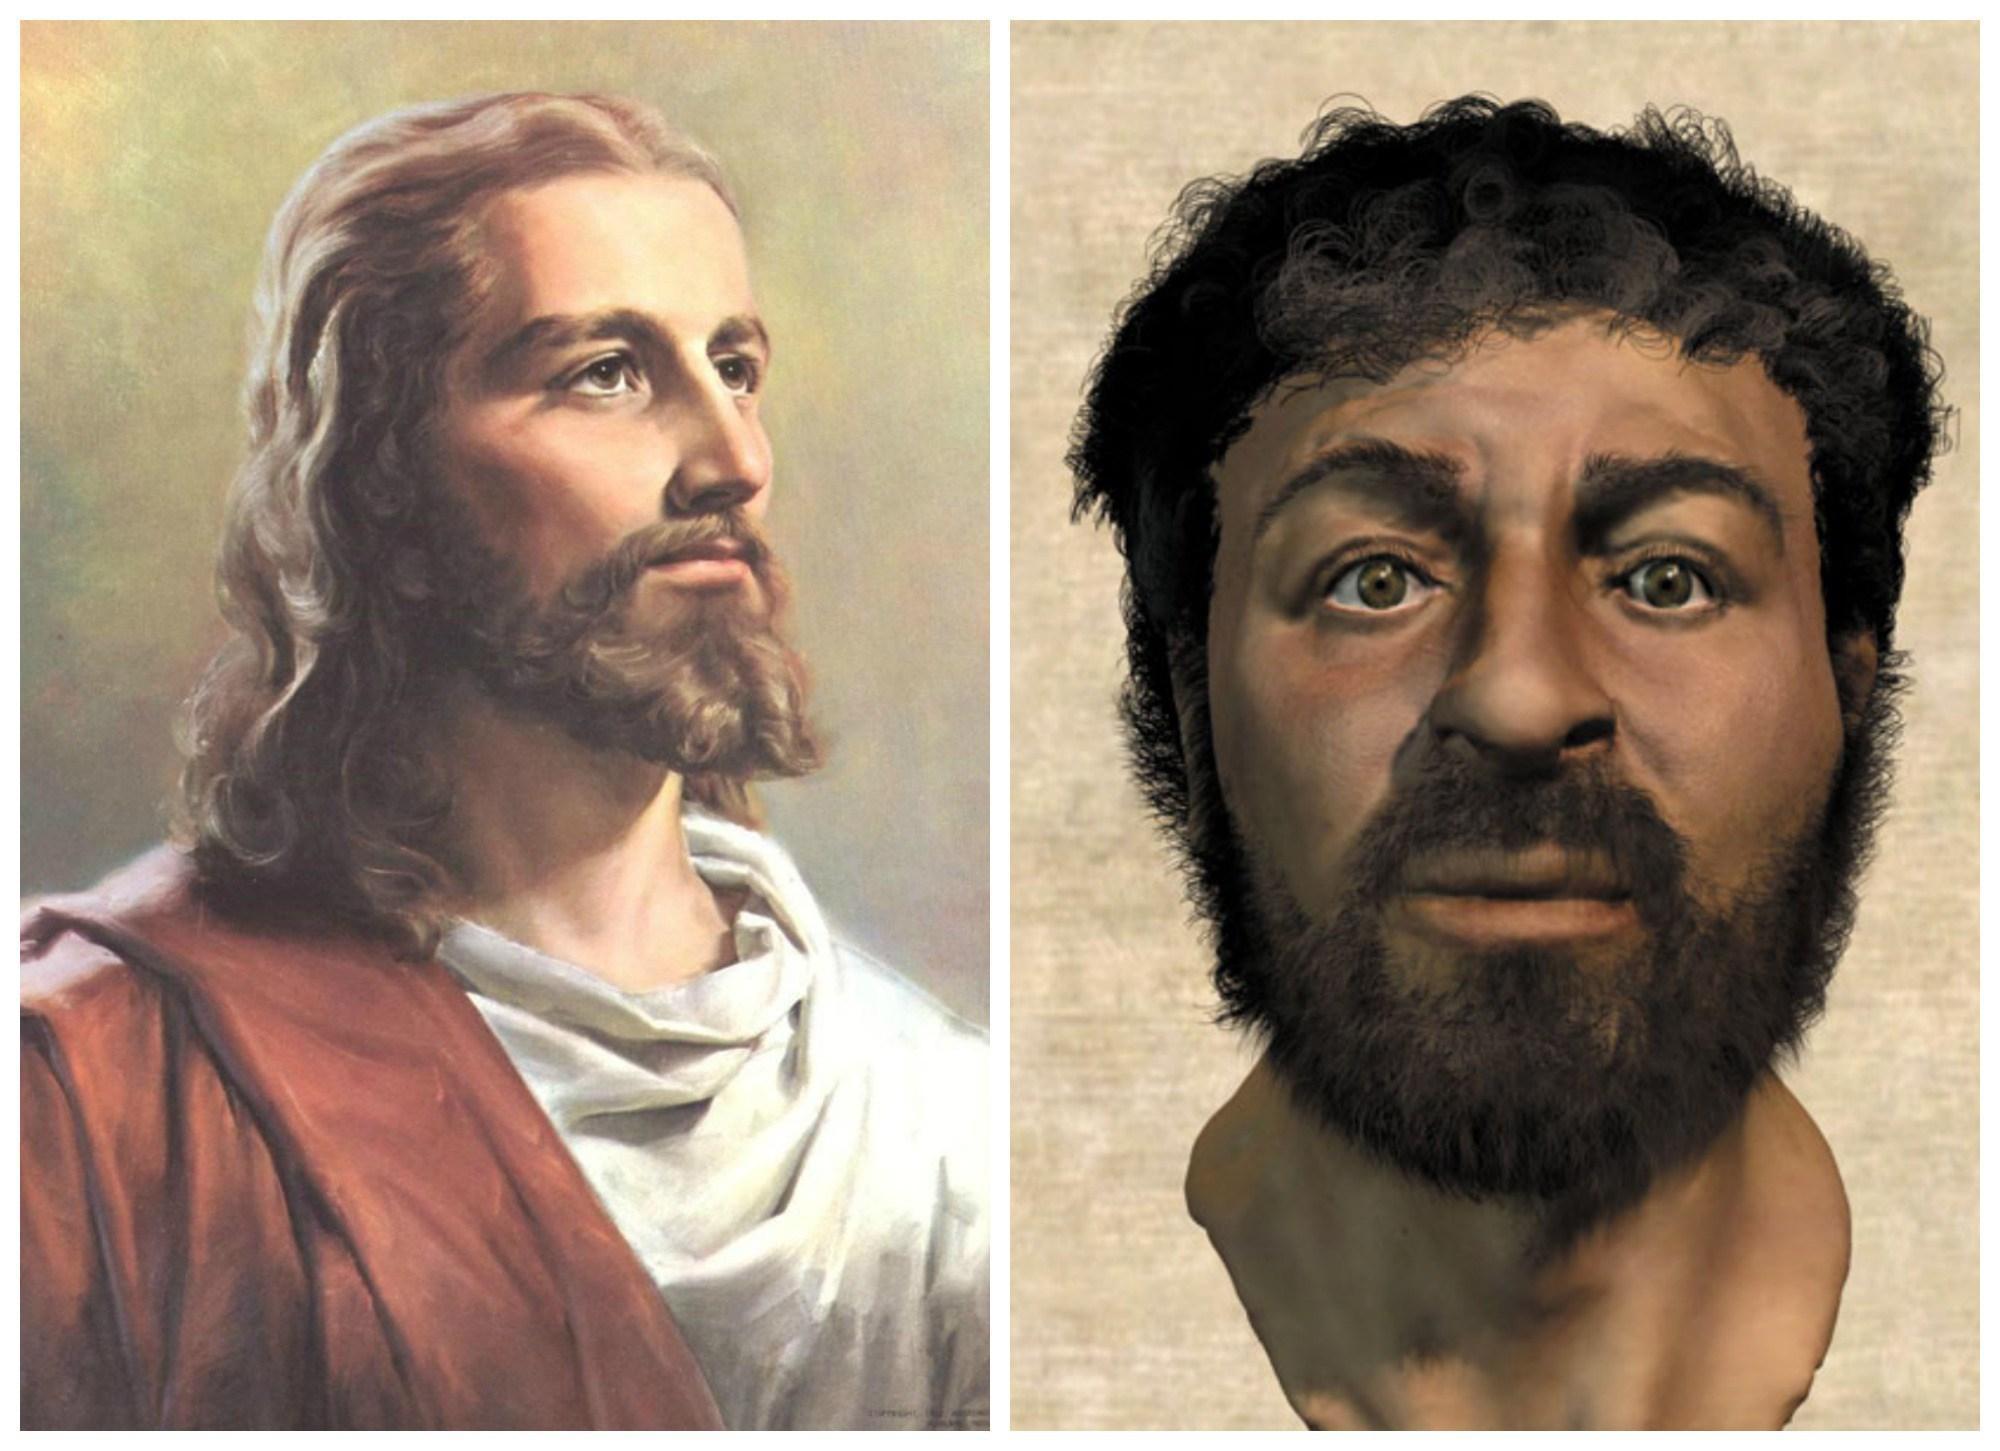 дом можно как выглядел иисус христос фото вертикальная отделка